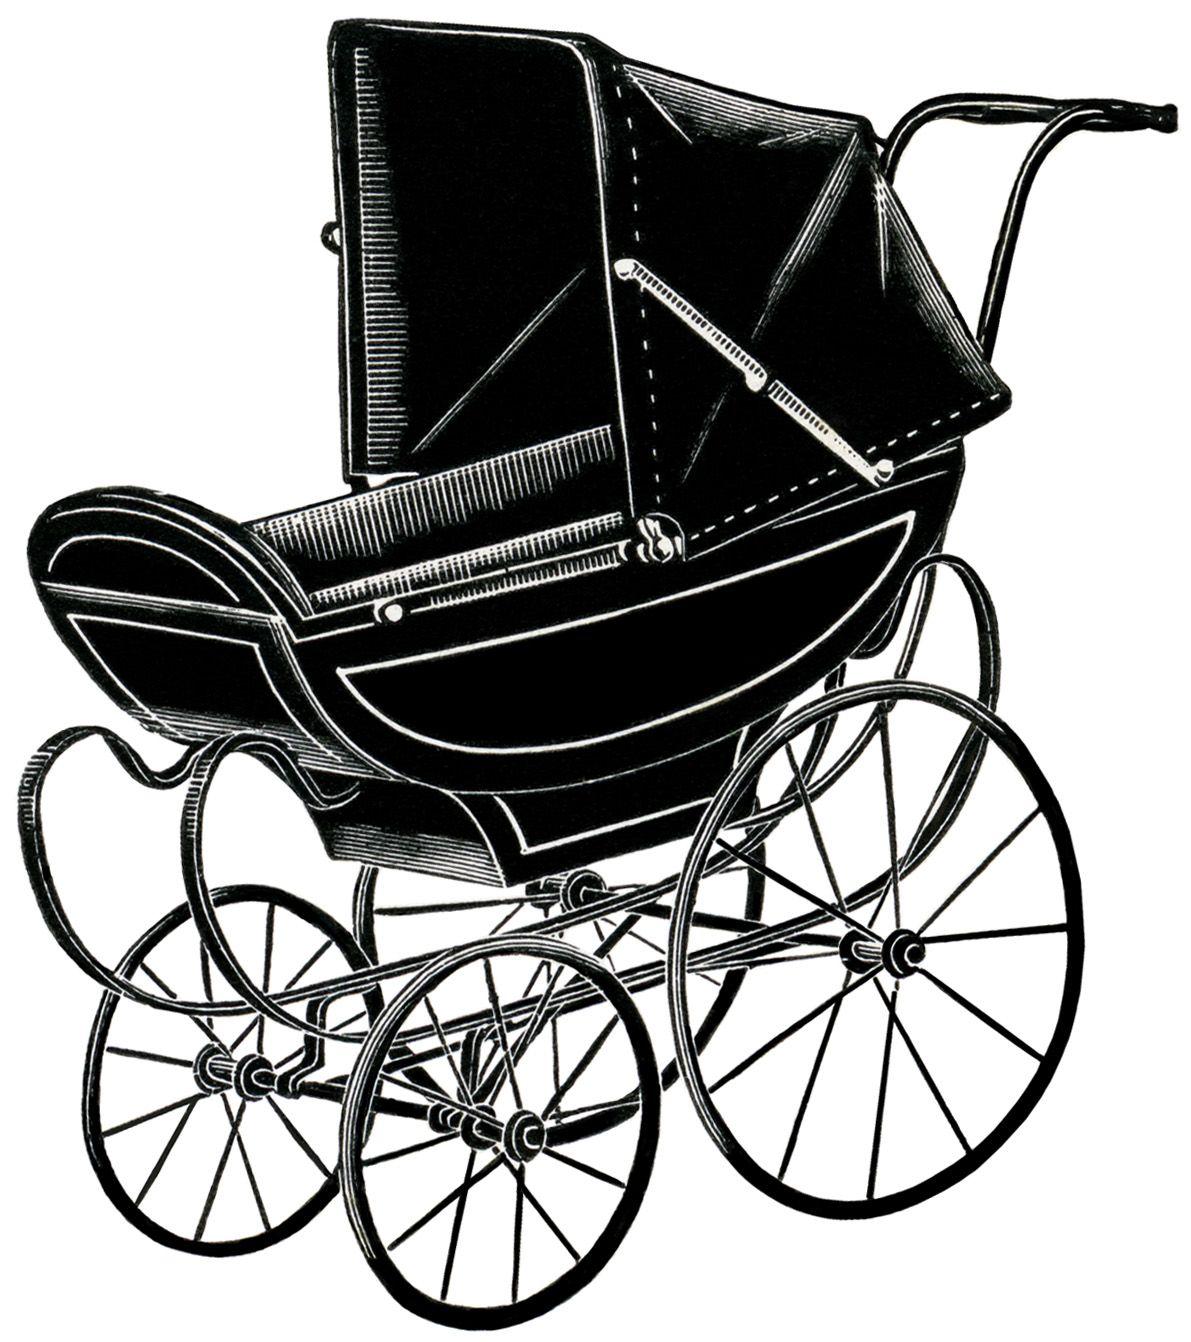 Old Design Shop Free Digital Image English Pram Vintage Images Vintage Baby Pram